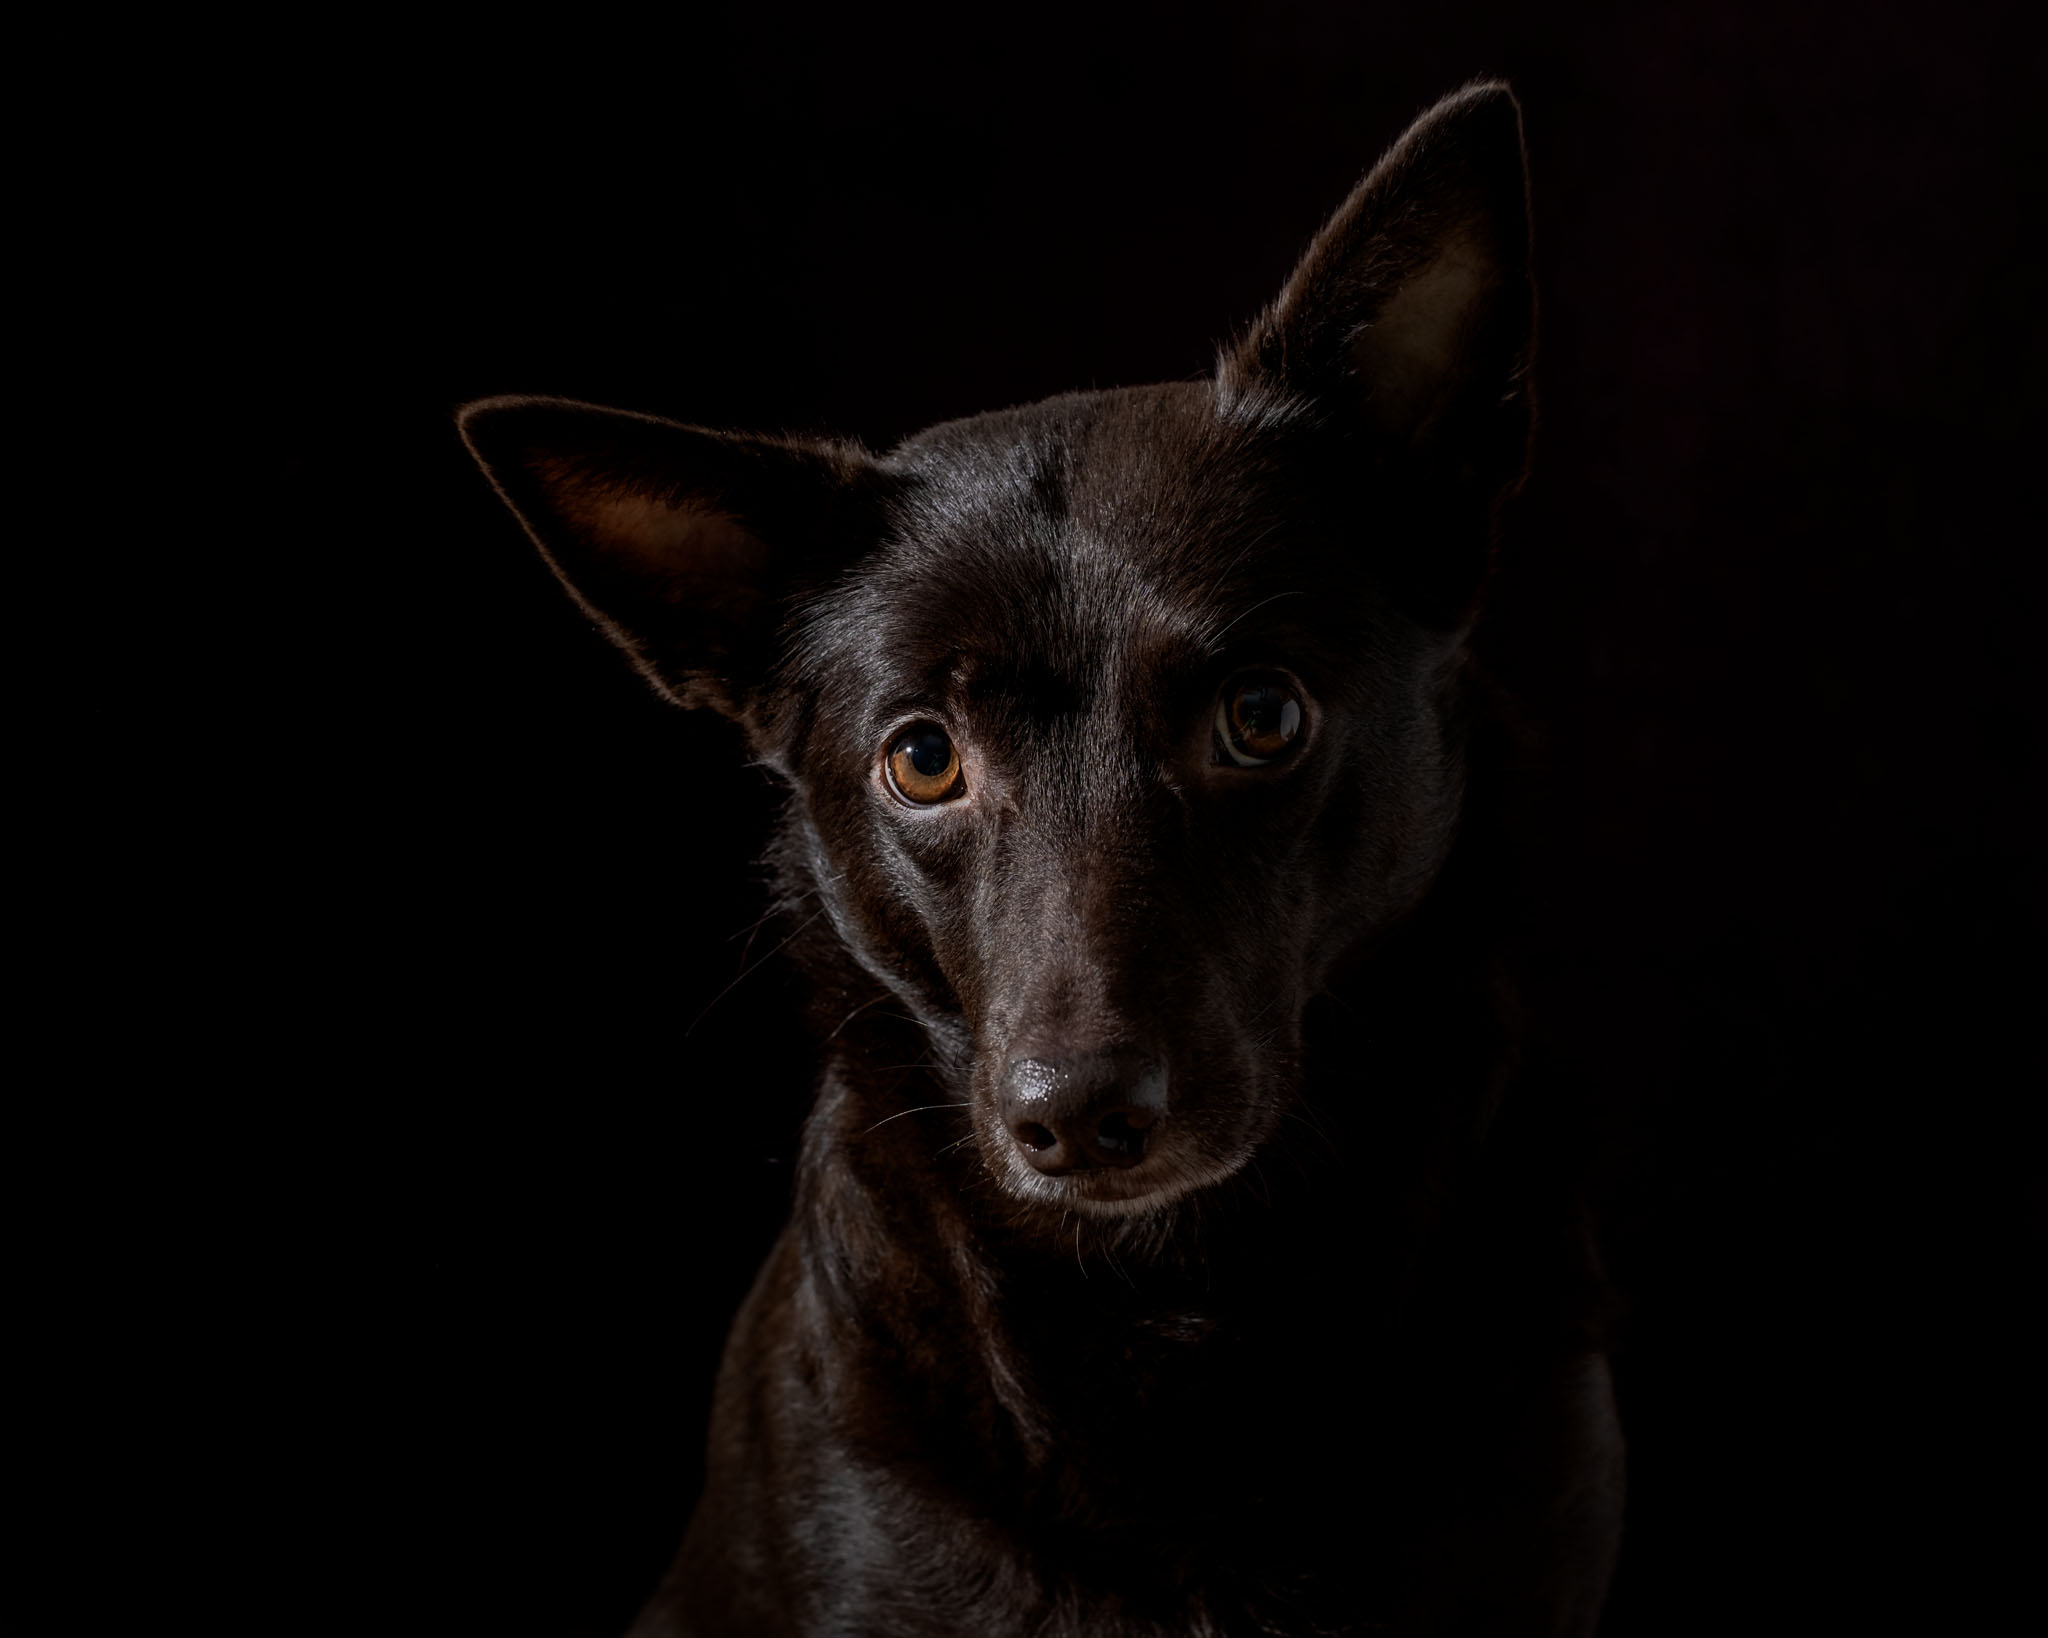 fotograf porträtt kelpie hund studio Skåne